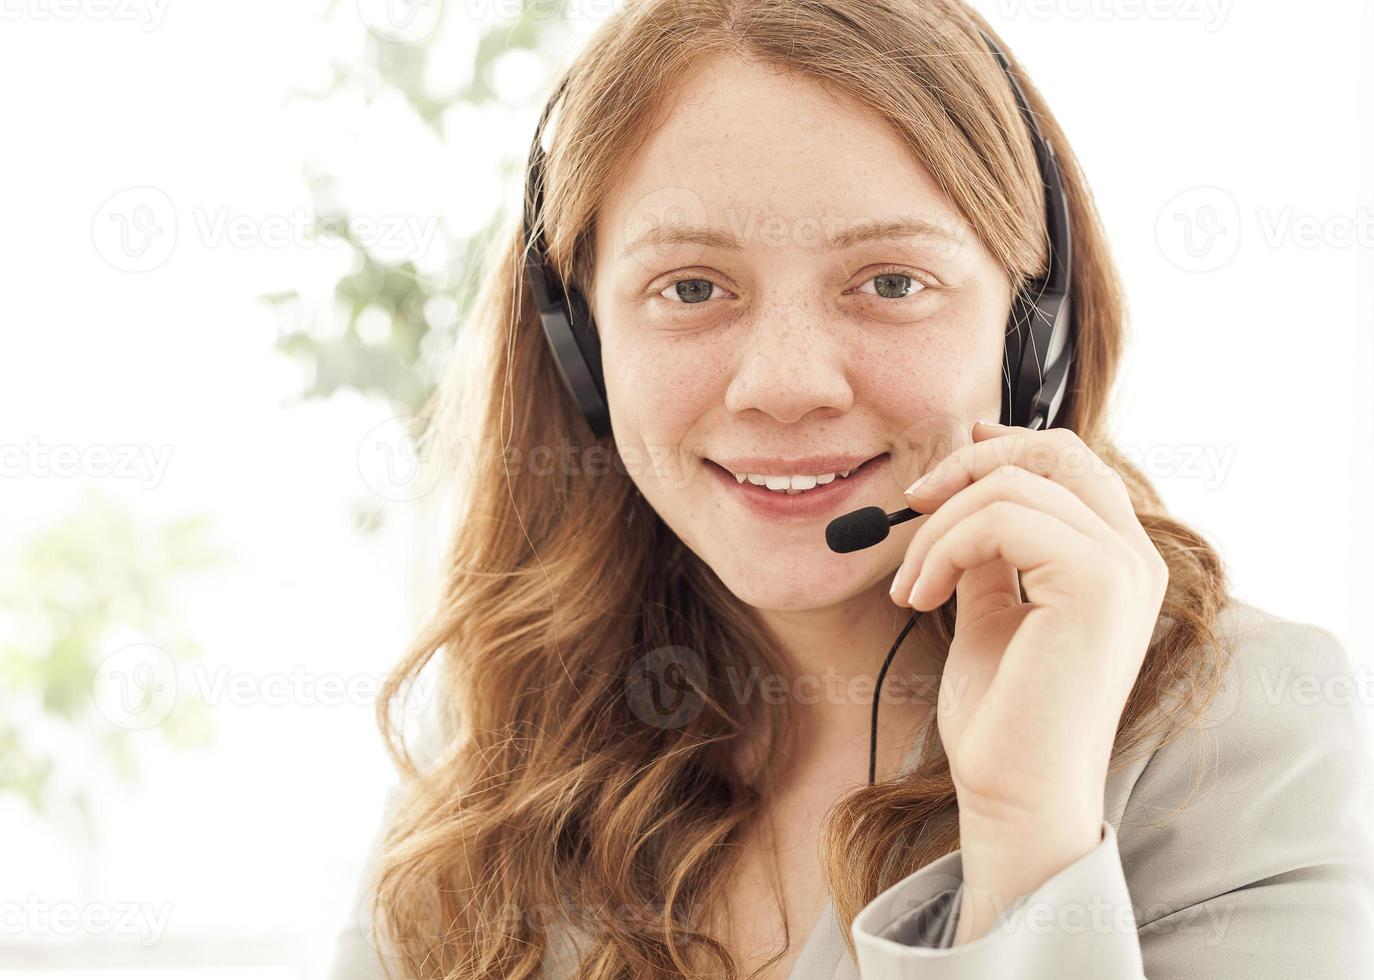 portret van gelukkige jonge vrouw met hoofdtelefoon foto